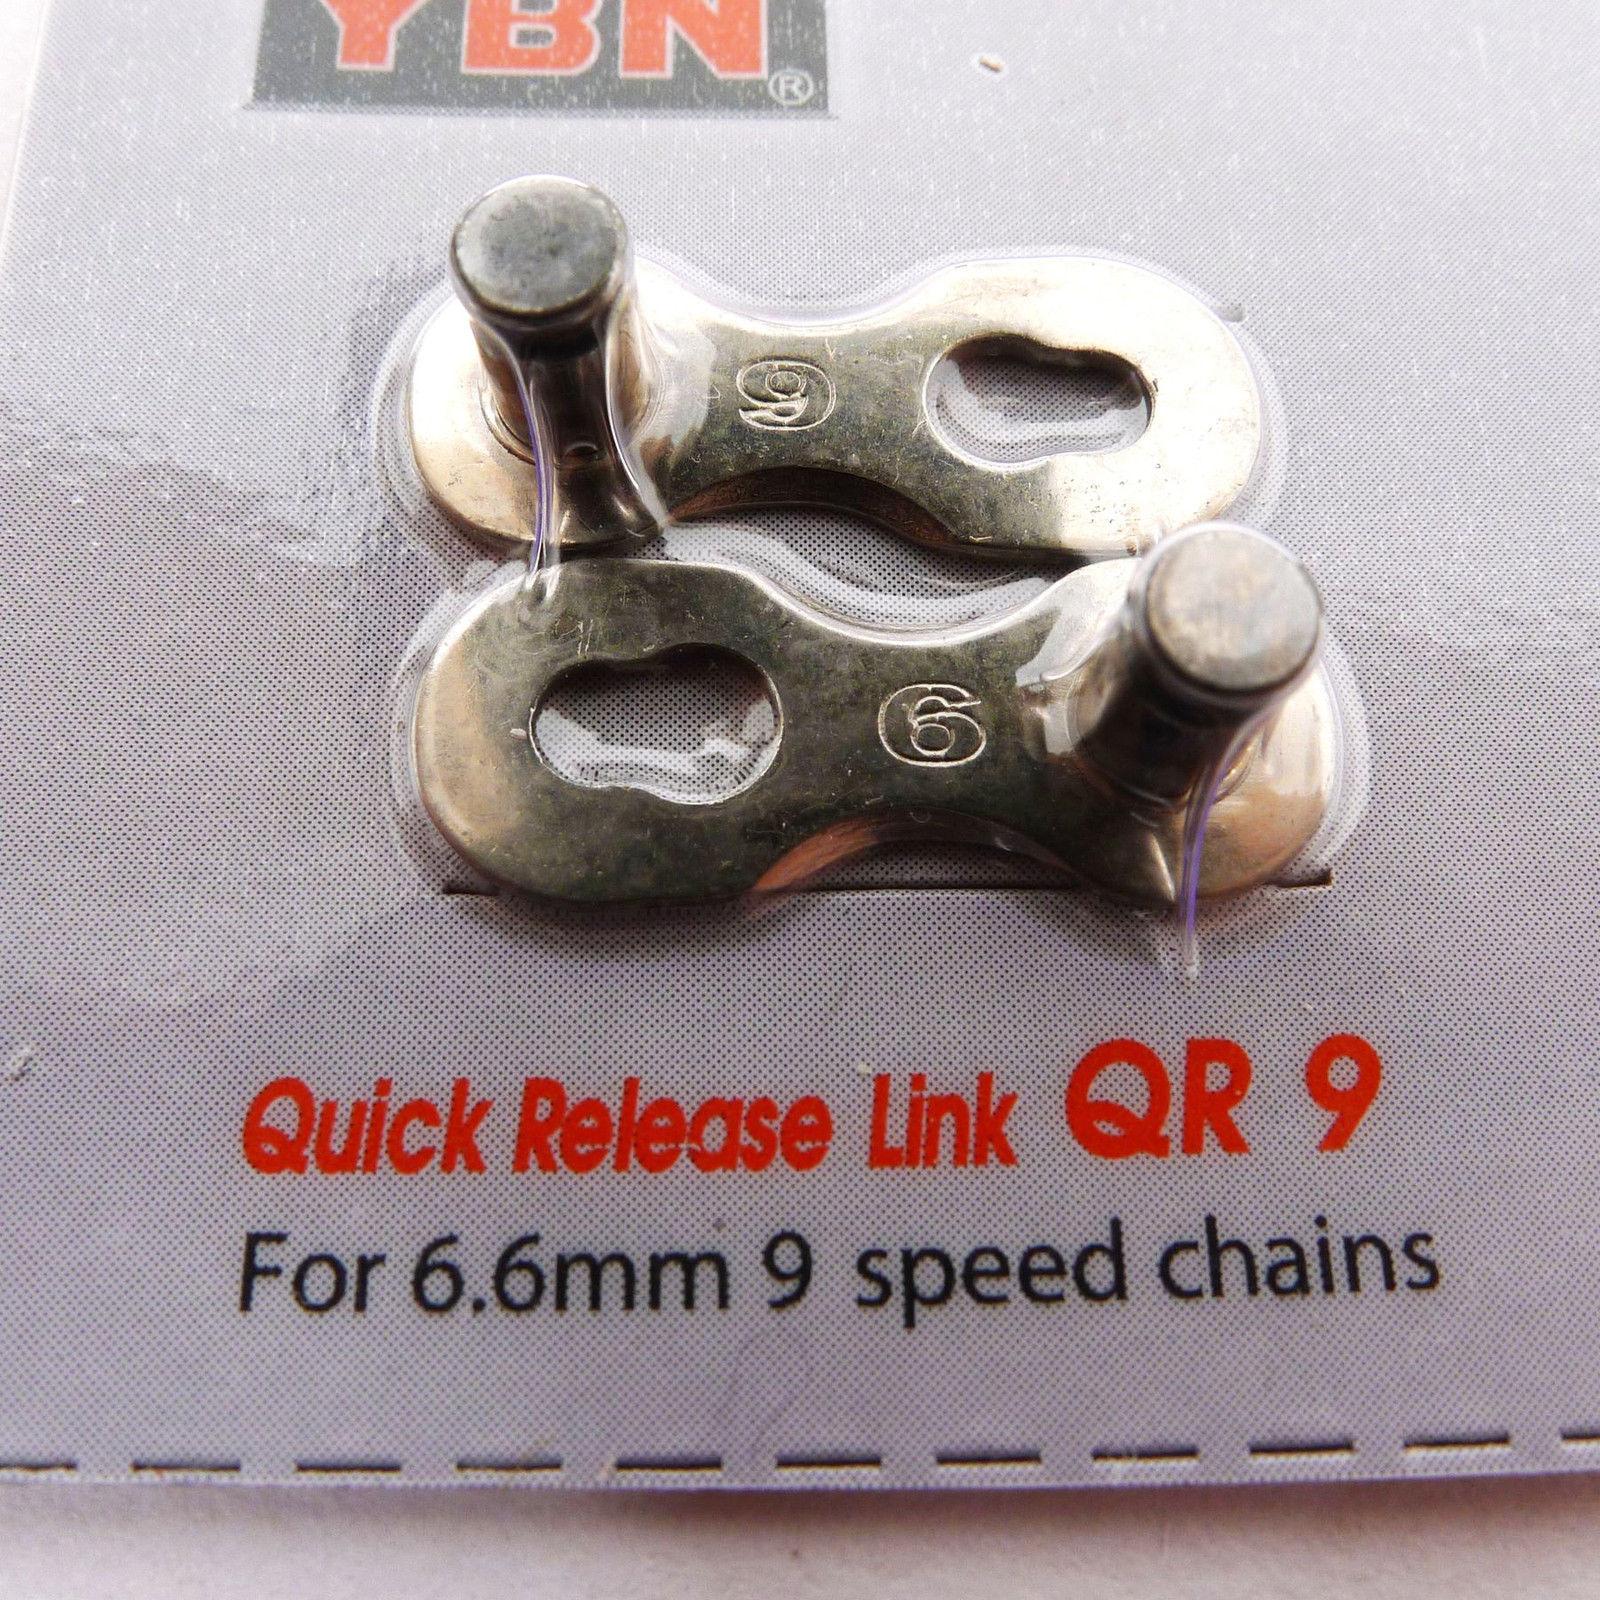 ข้อต่อโซ่ปลดเร็ว YBN 9 สปีด แบบแพ็ค